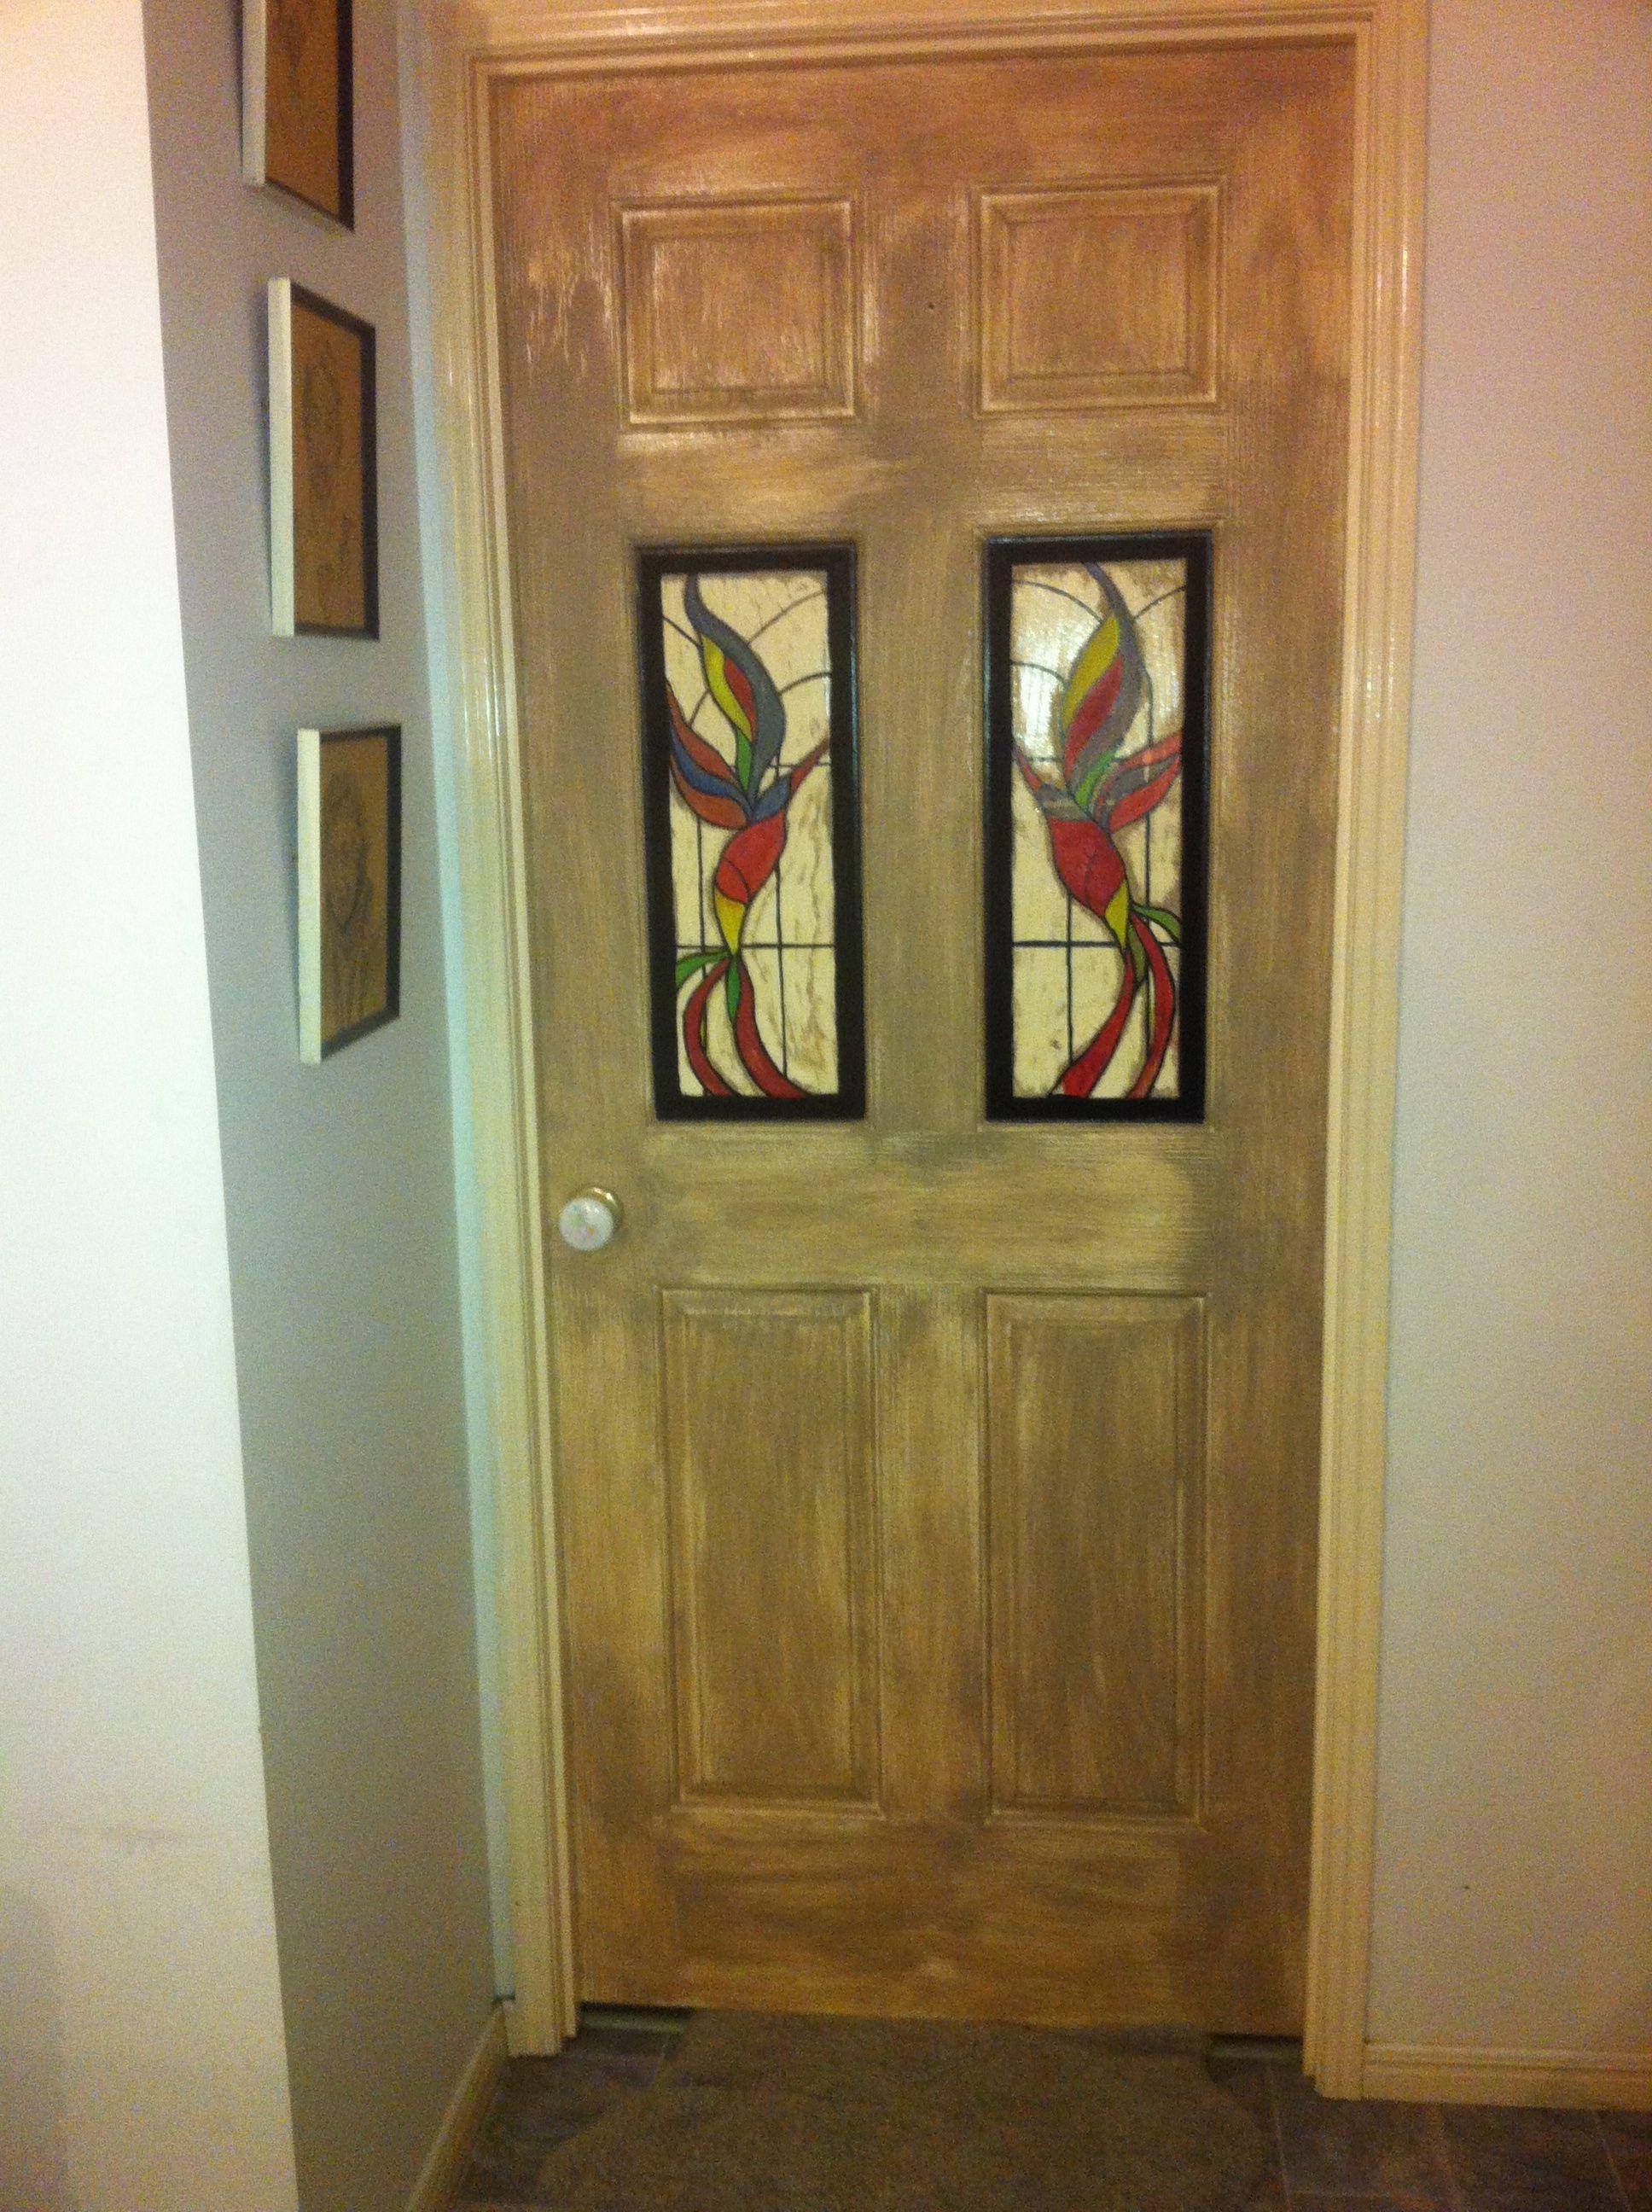 Hand Painted Door Mural Door Murals Painted Doors Decor